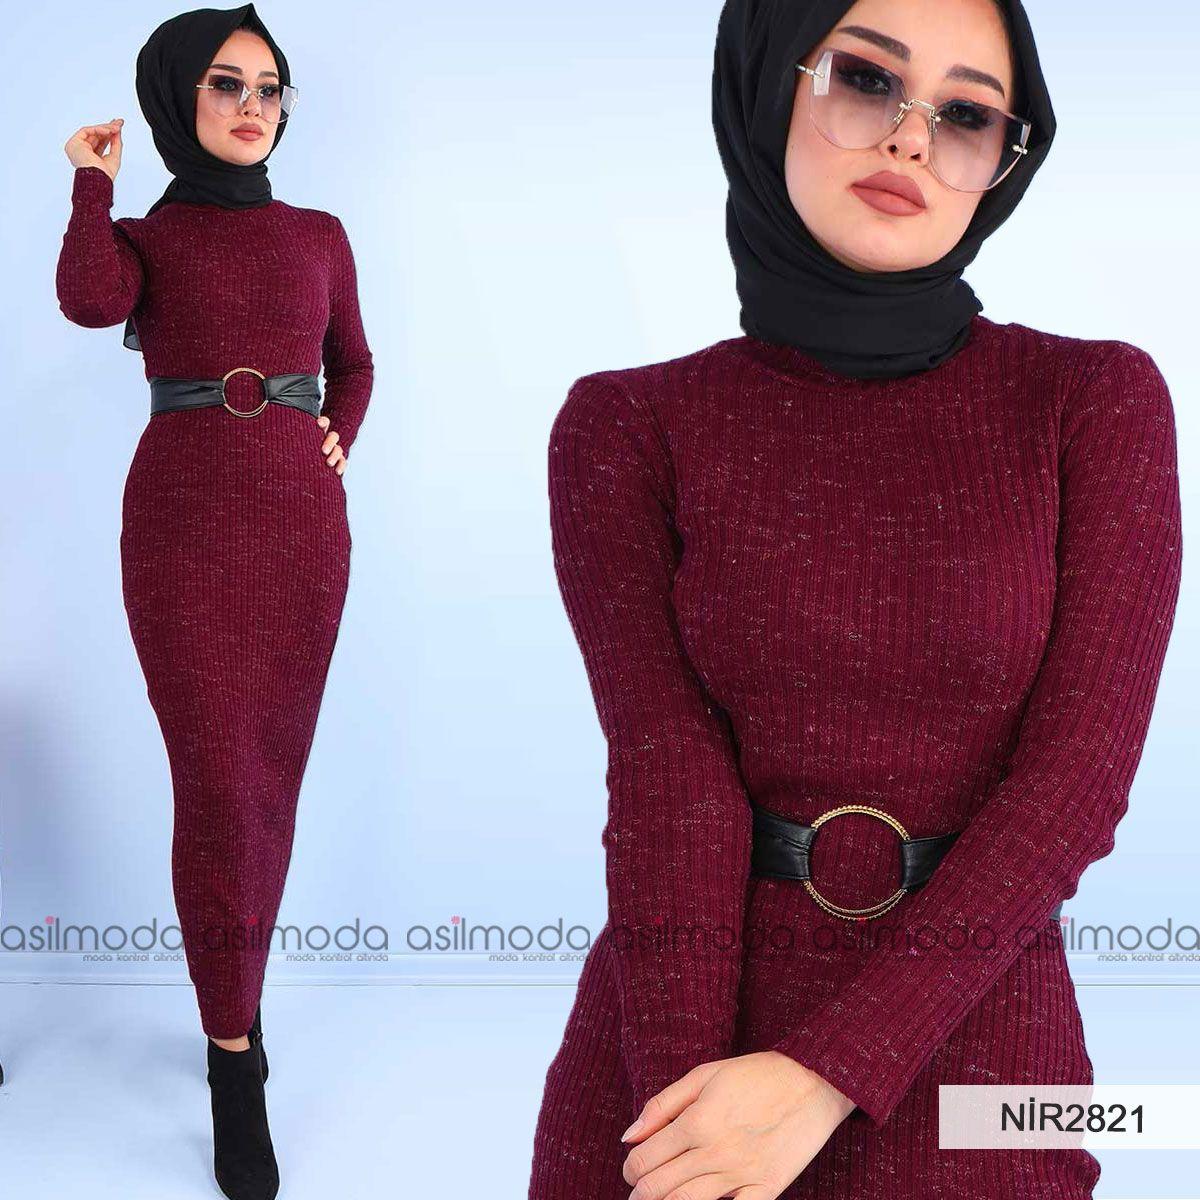 Cepsiz Model Olan Elbise Boydan Modeldir Elbise Yarim Yaka Olup Renkli Ip Detayina Sahiptir Ayrica Elbise Dar Kesim St Elbise Elbise Modelleri Moda Stilleri